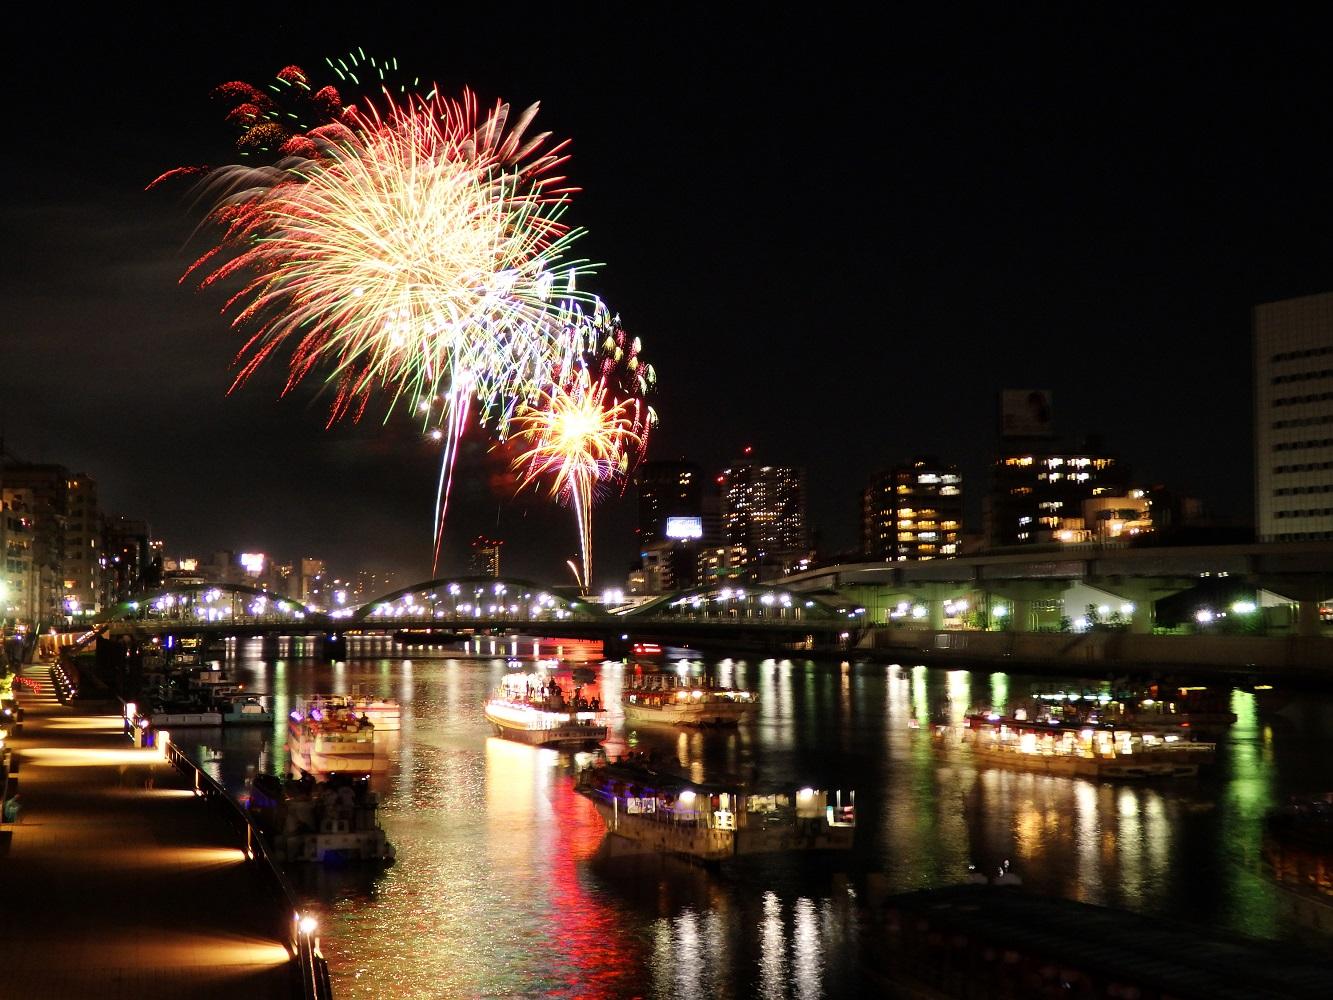 40th Sumida River Fireworks Festival 2017 (amuzen article)